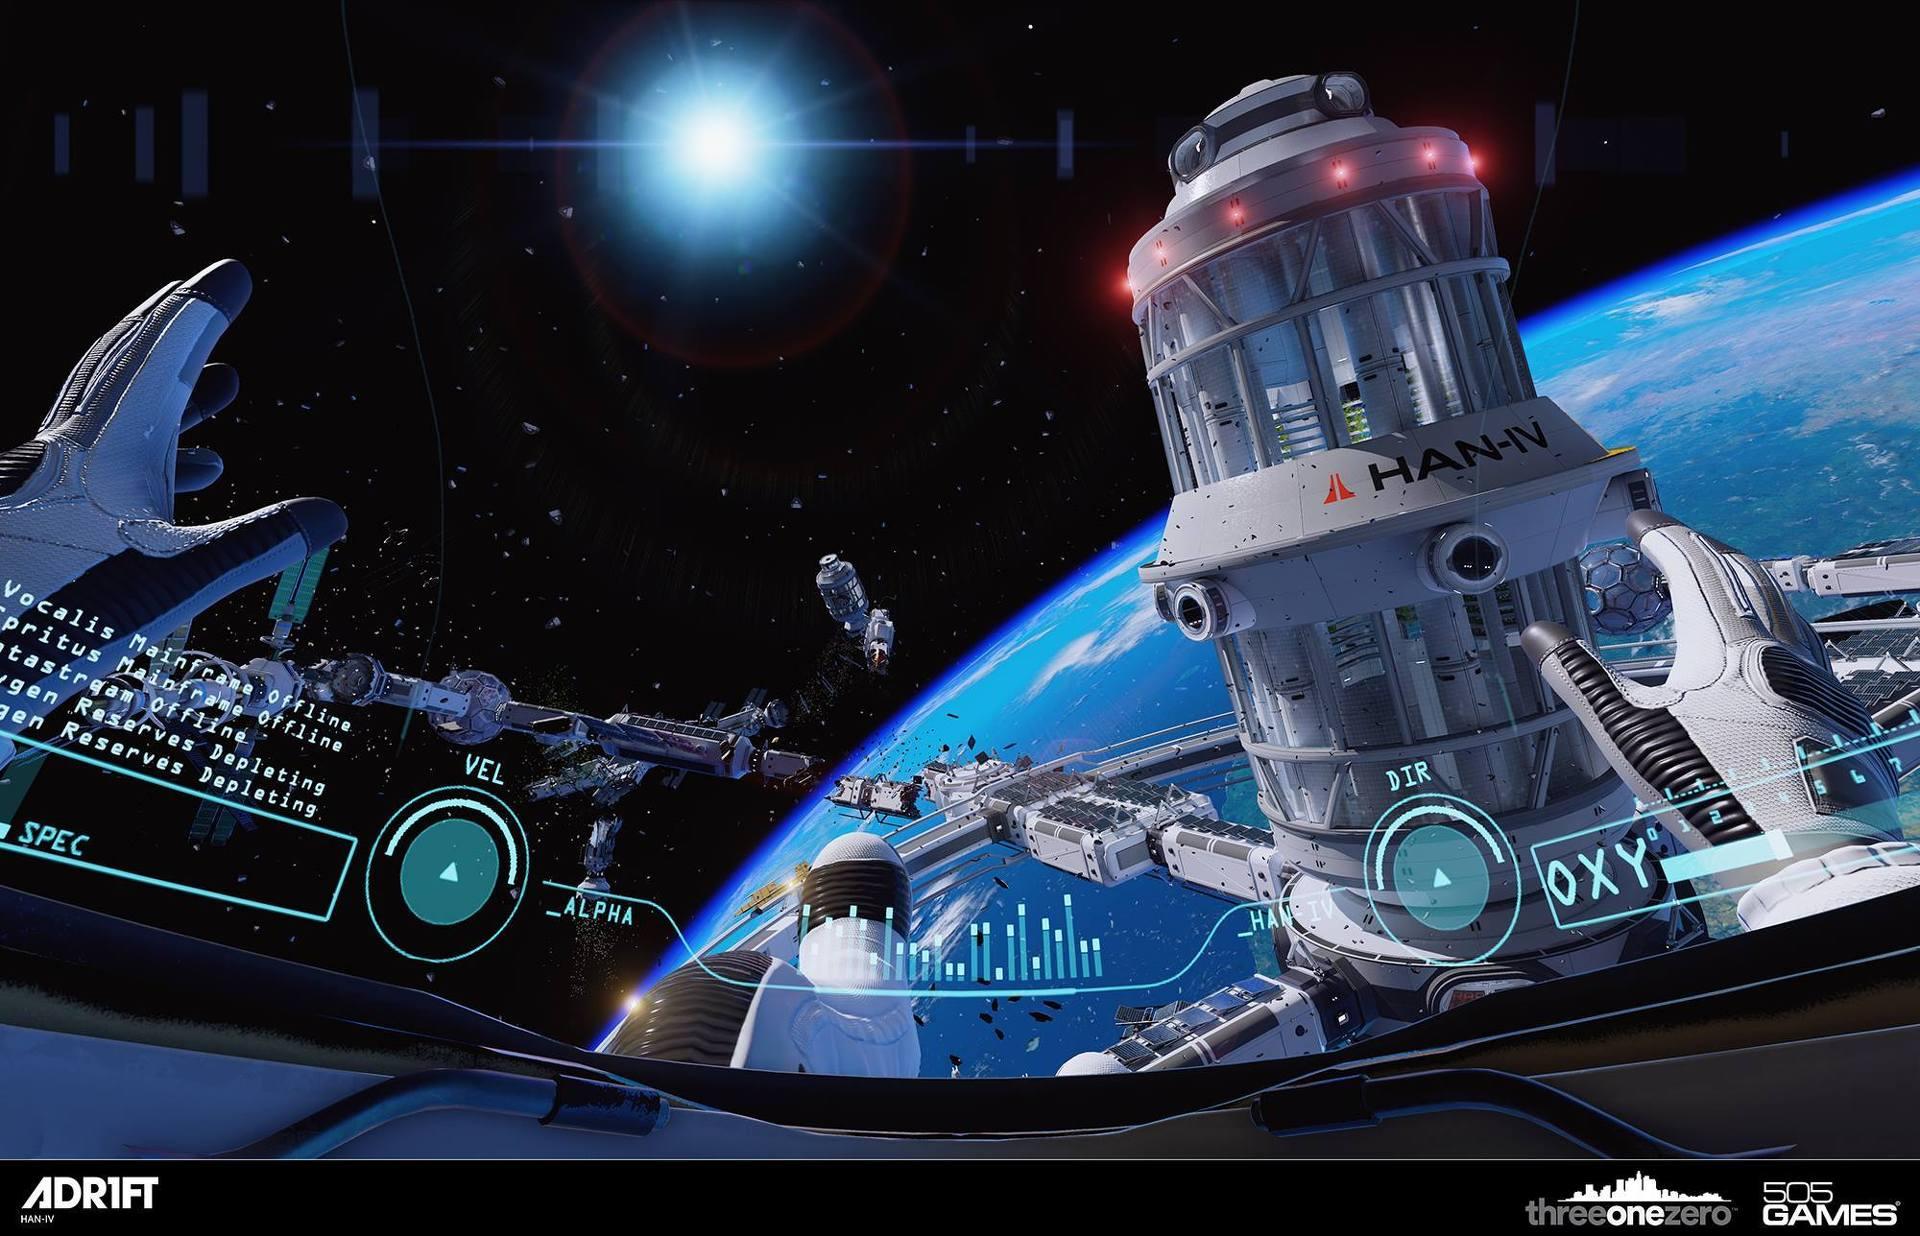 Obrazem: Ve vesmírném Adr1ft se něco pokazí 107489